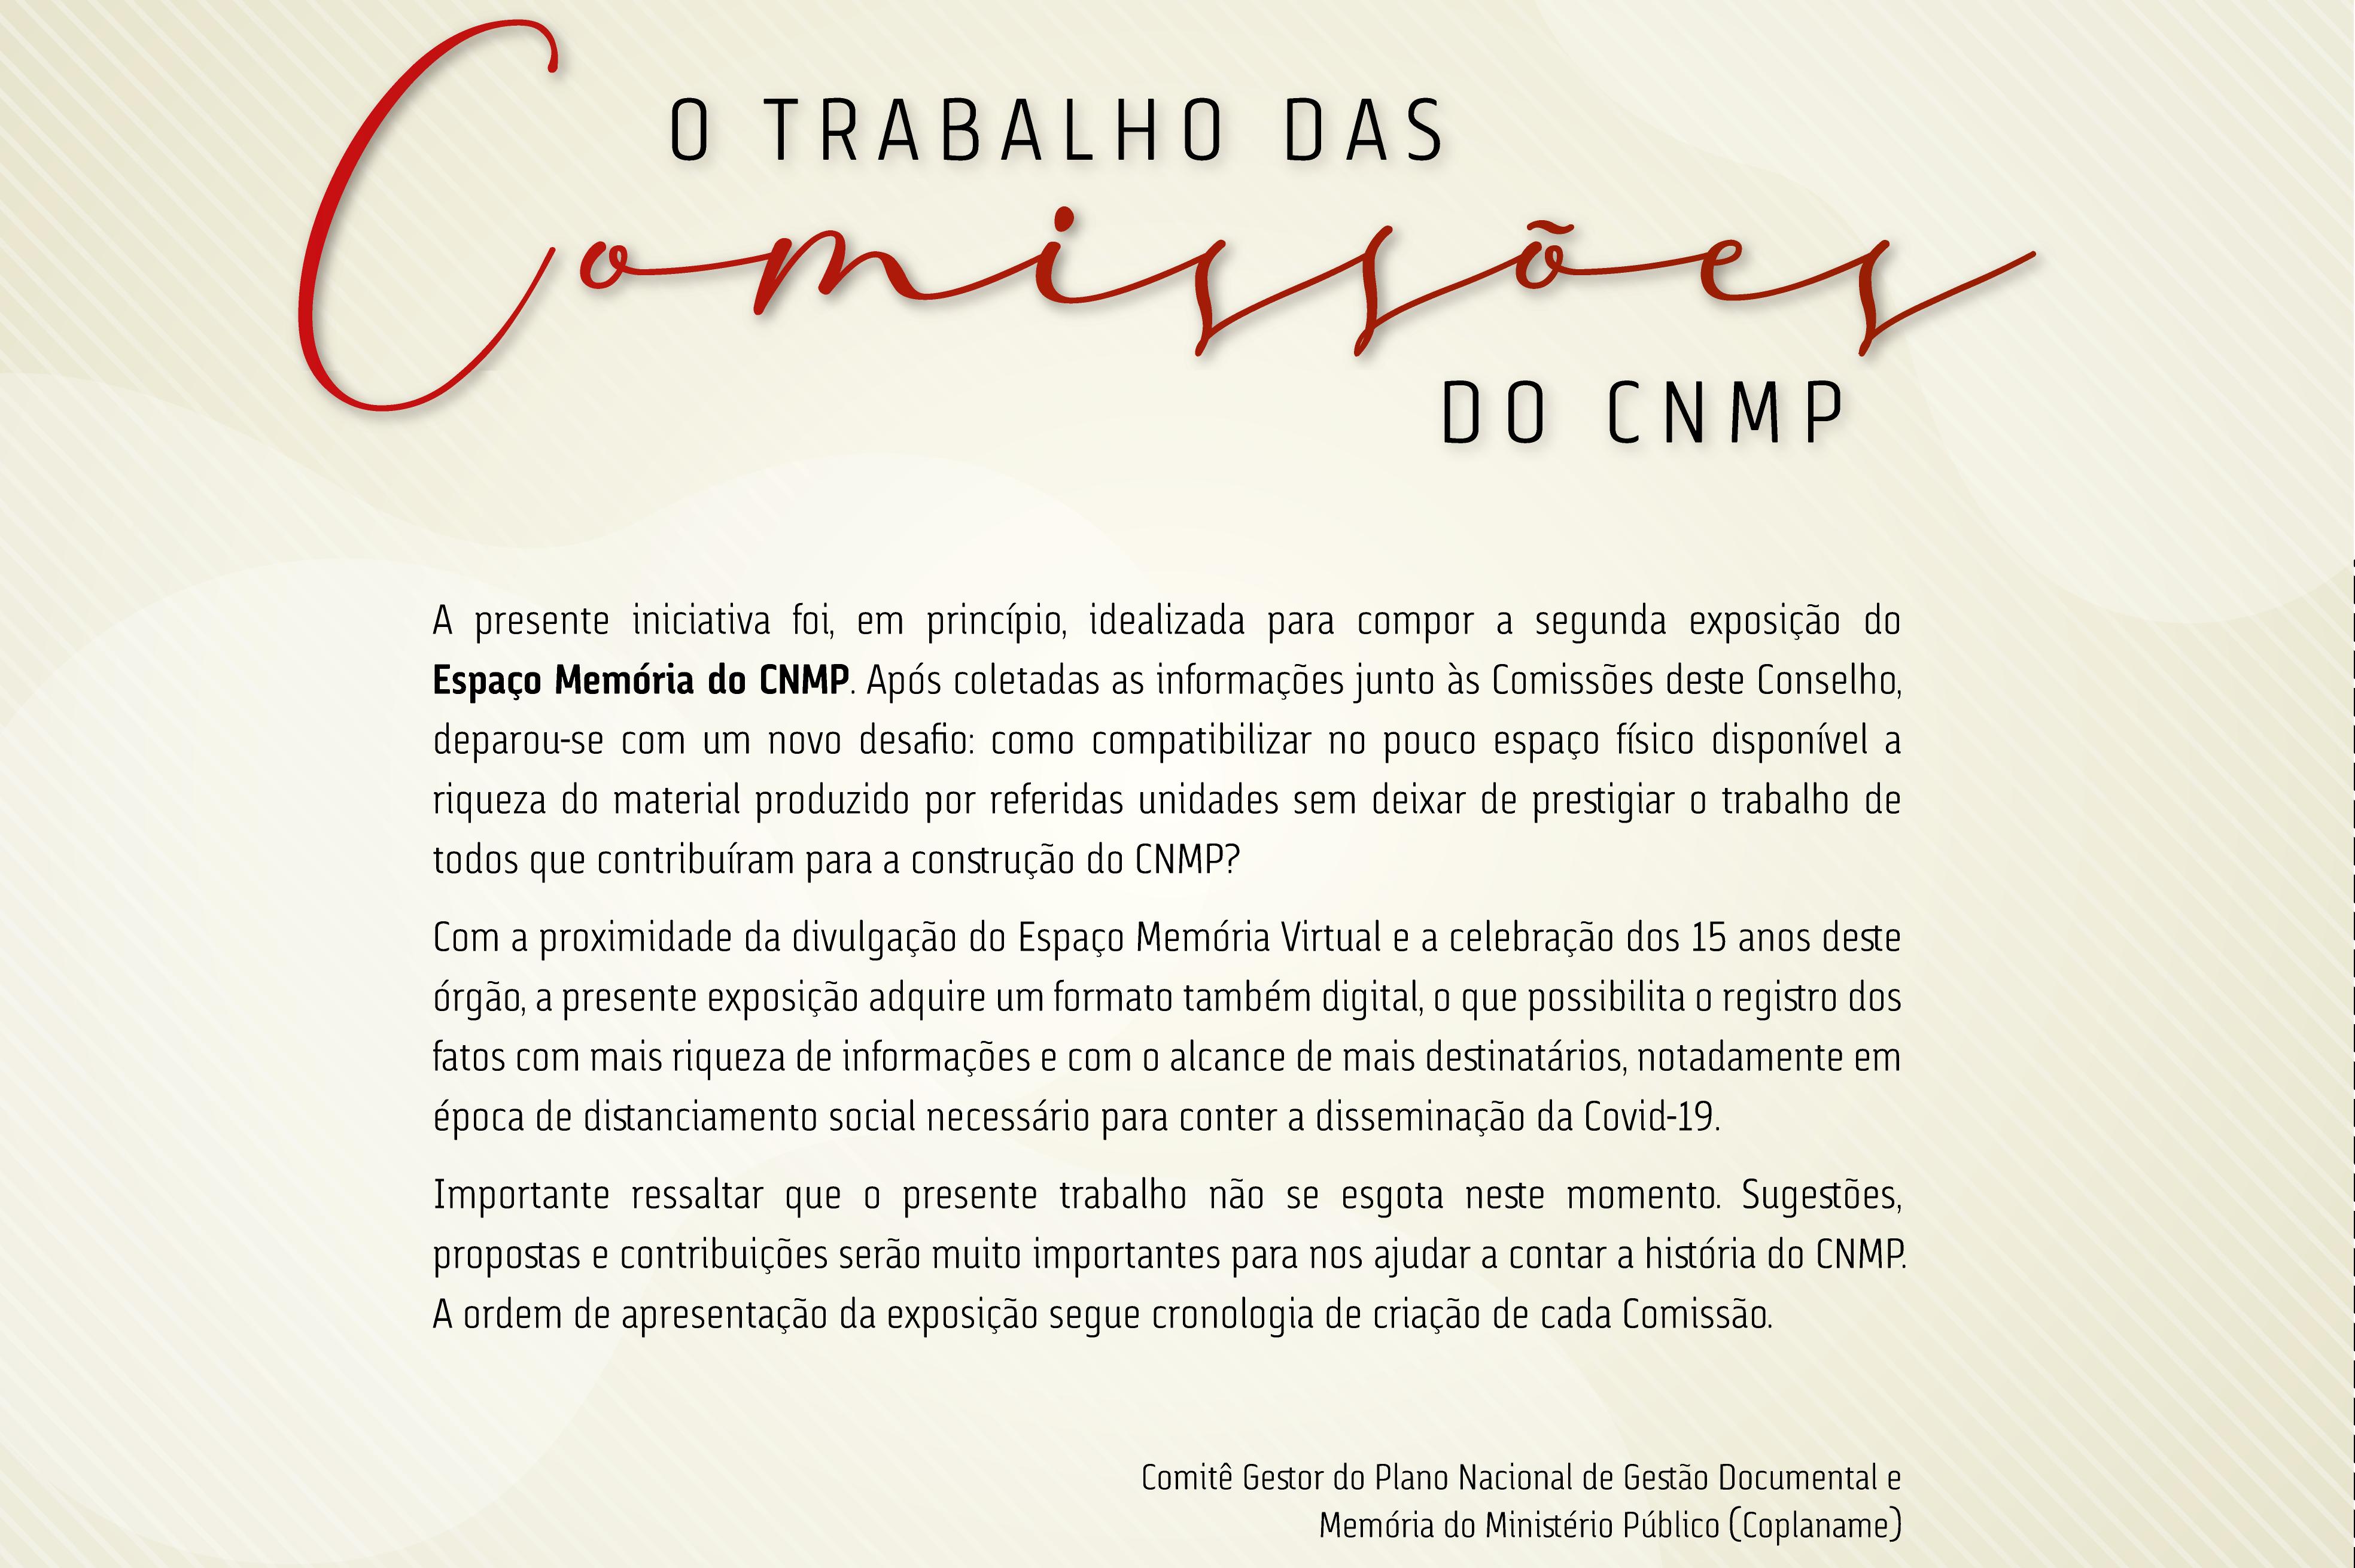 O Trabalho das Comissões do CNMP